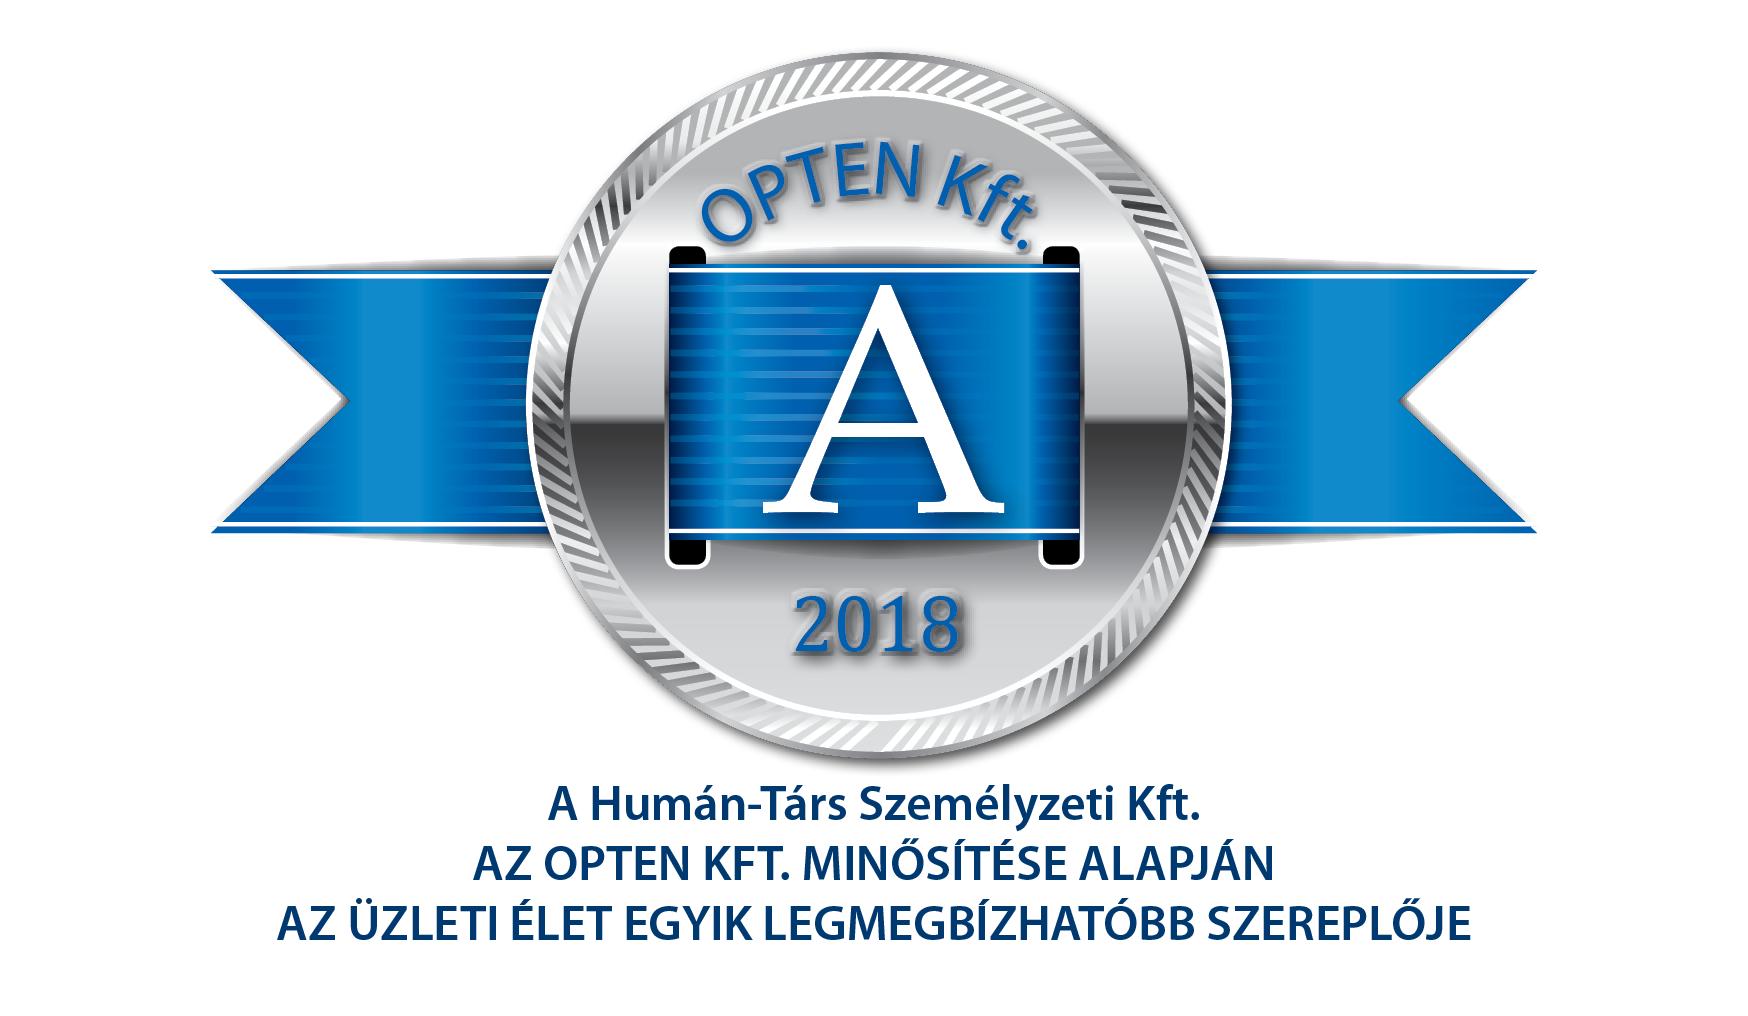 Humán-Társ Személyzeti Kft. Munkaer-kölcsönzés; Munkaerő-közvetítés; A-minősítés